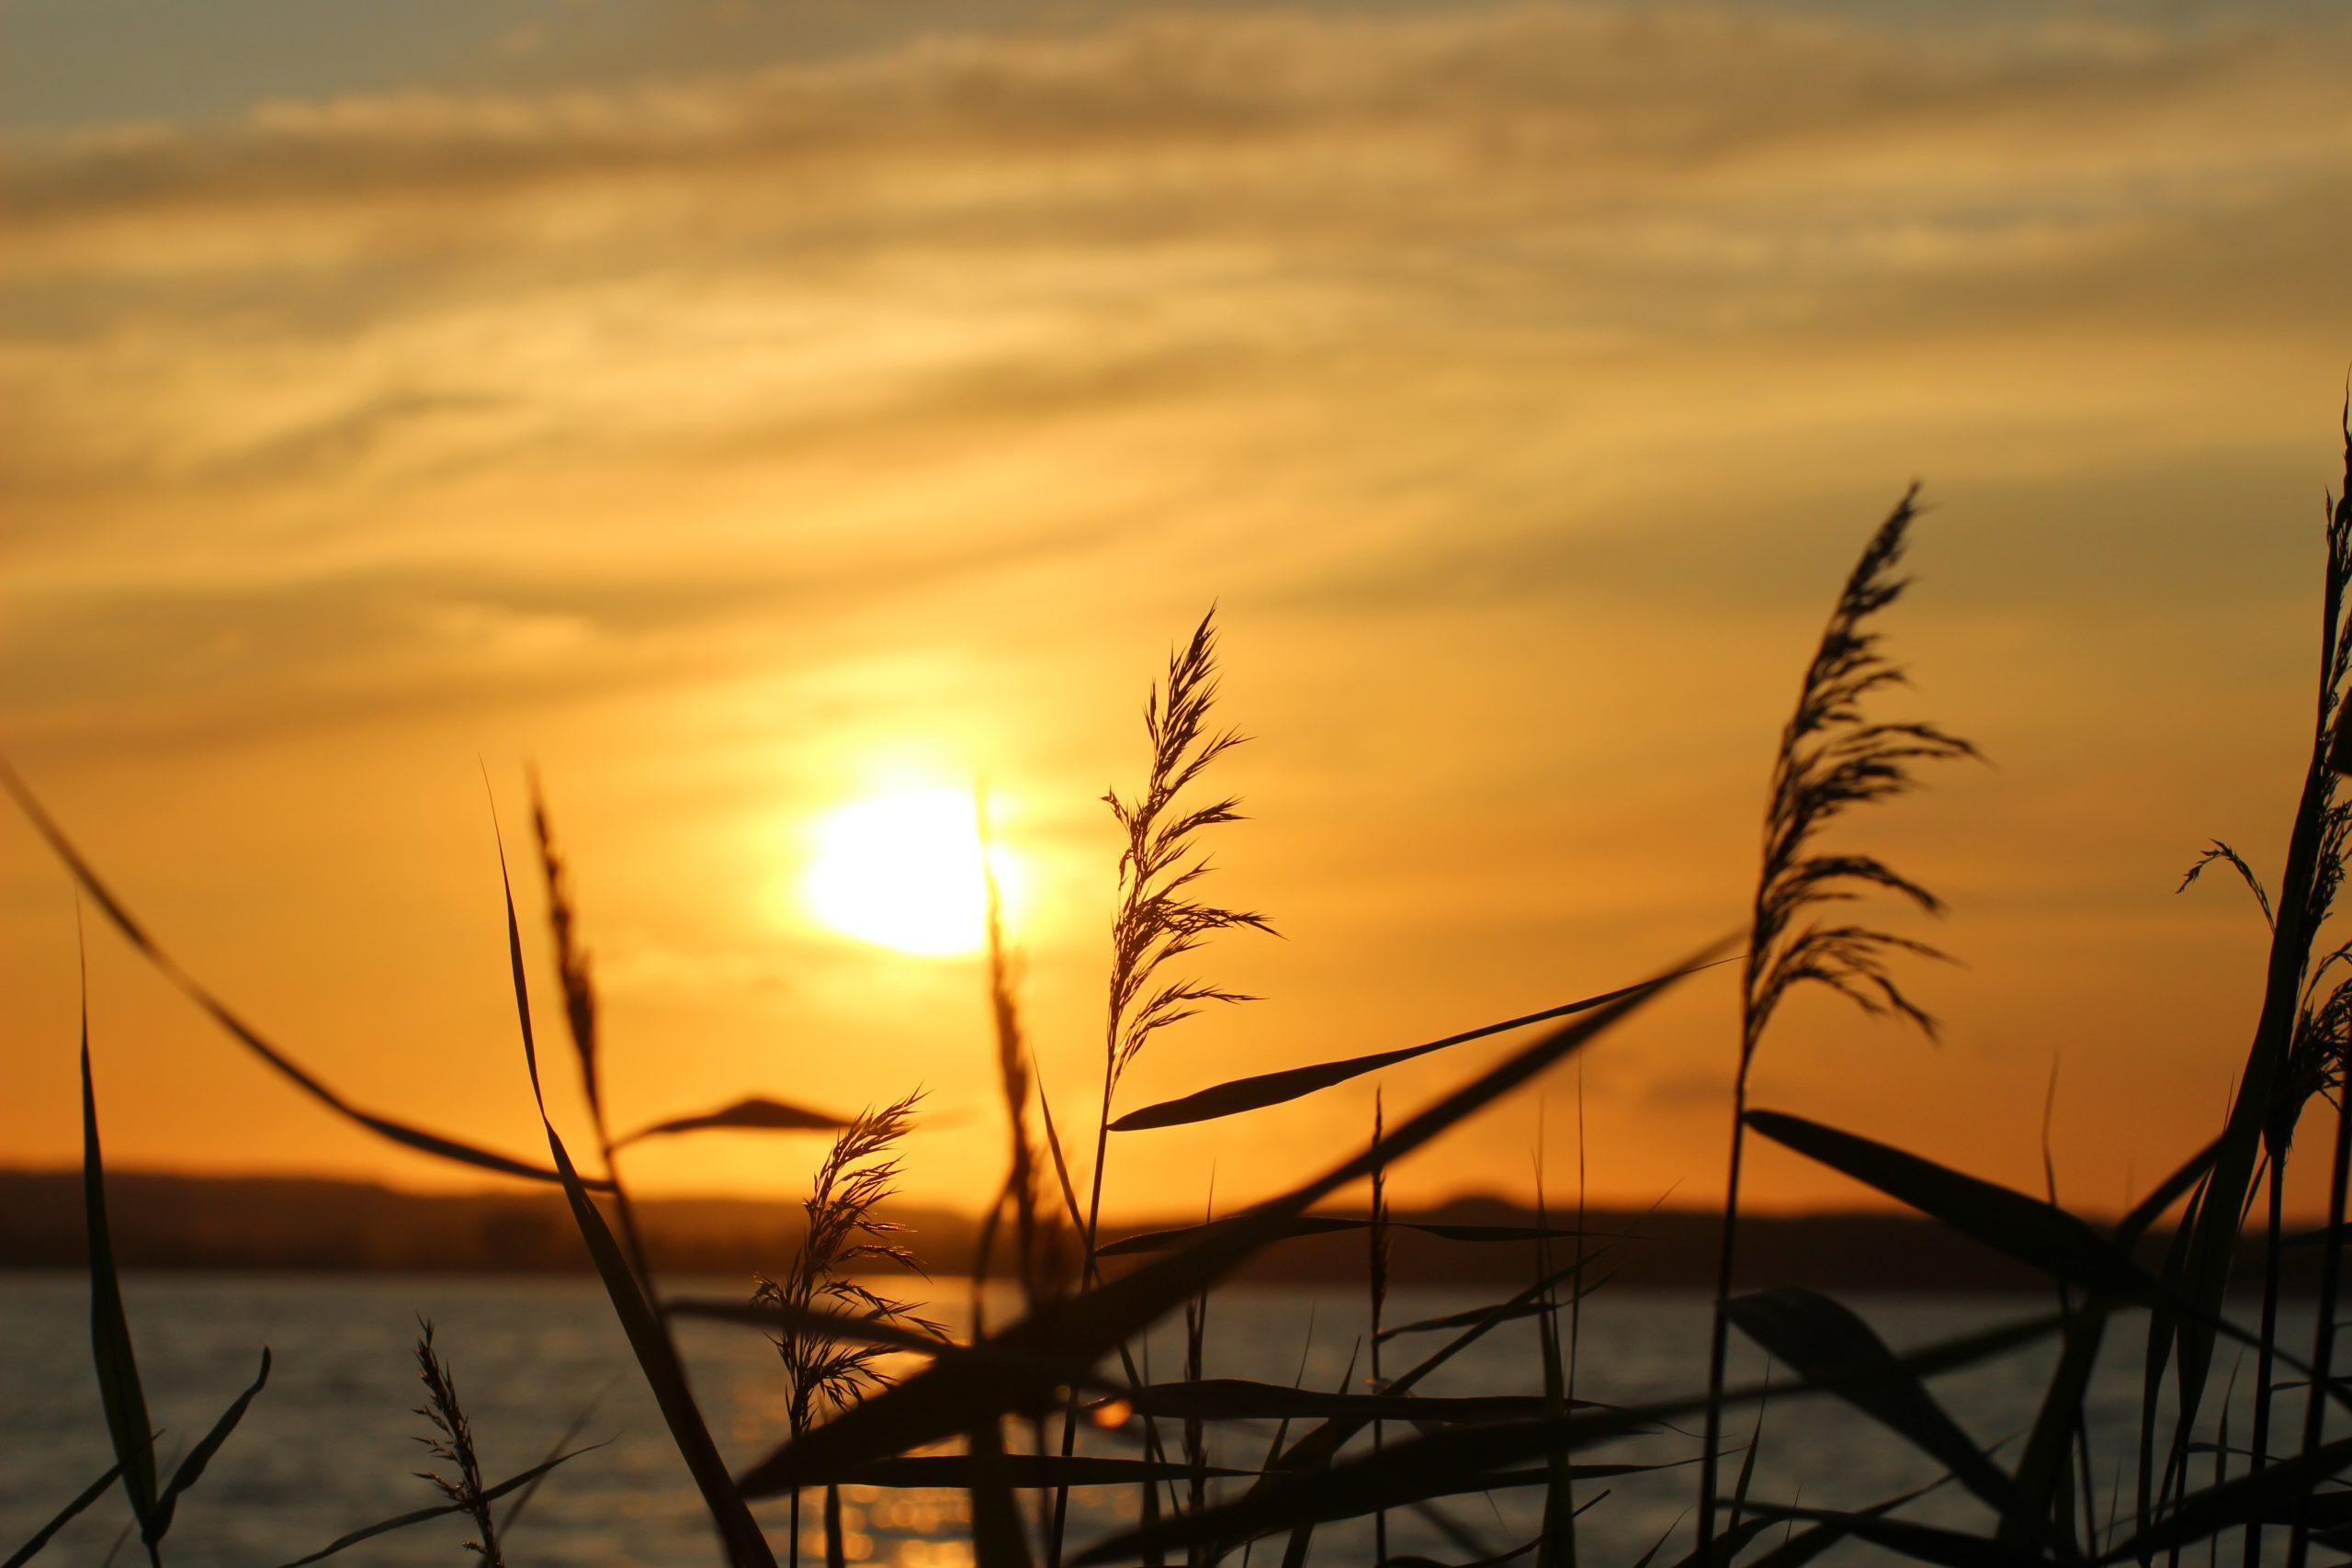 Gut Friederikenhof - Sonnenuntergang am Meer genießen